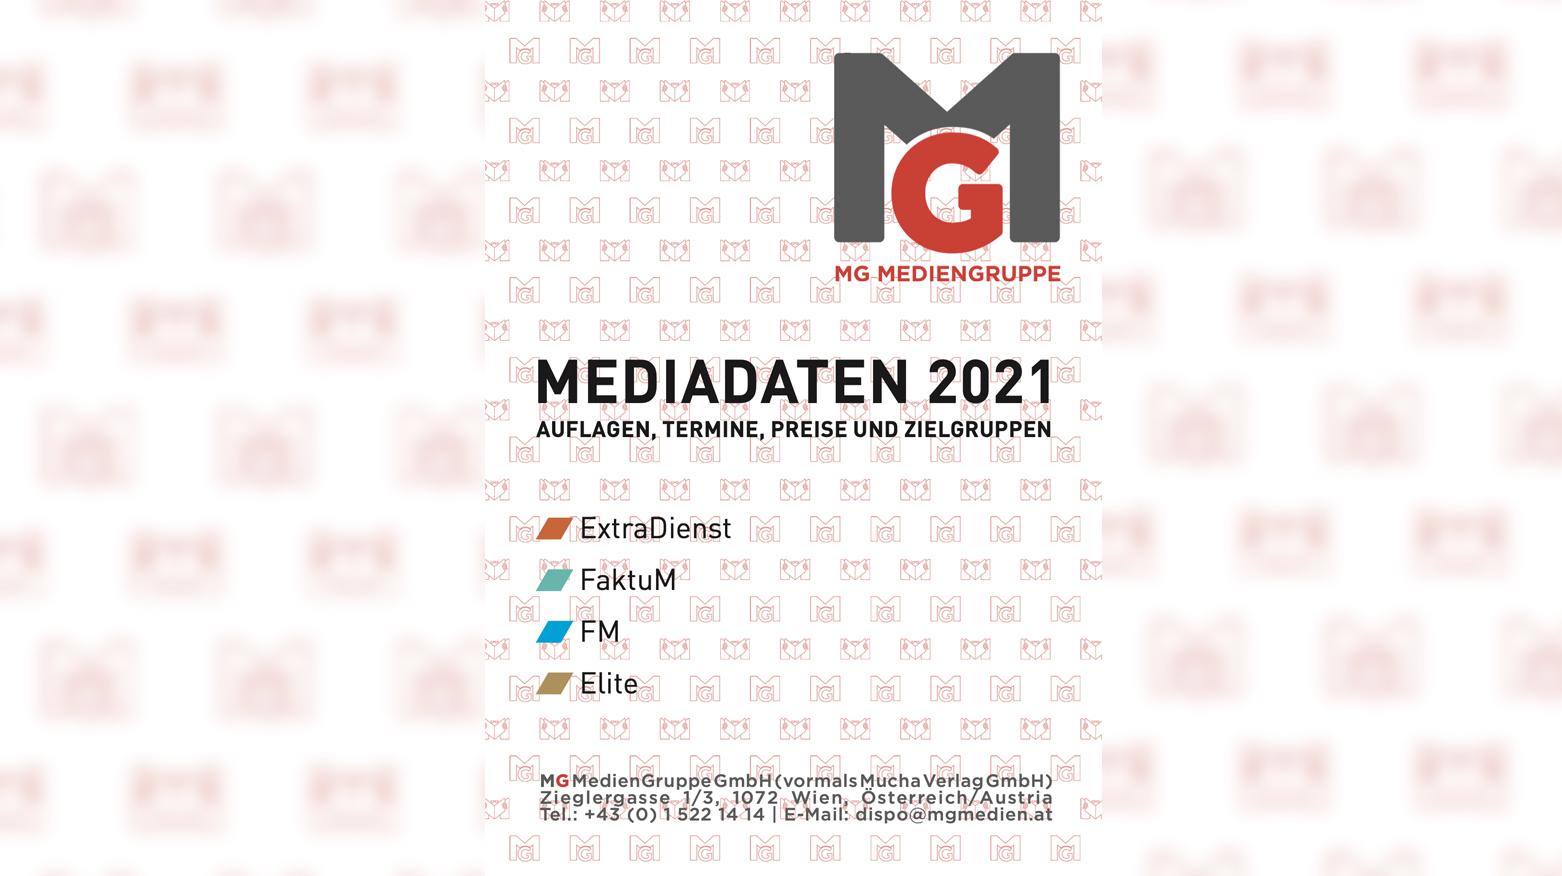 Erscheinungstermine 2021 – Änderung